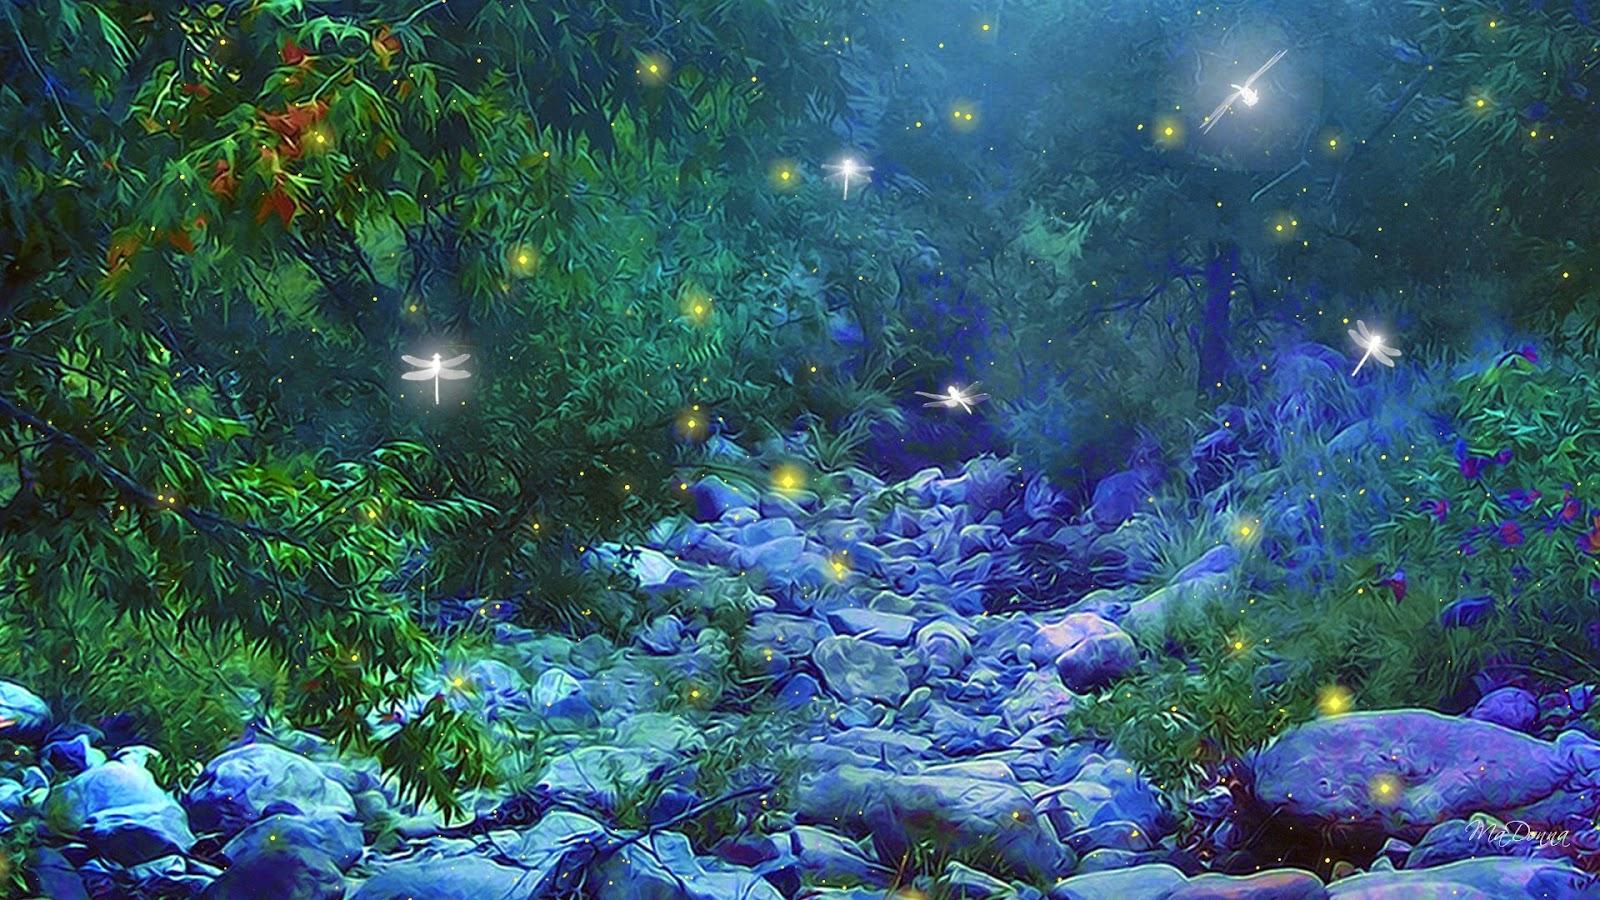 Πυγολαμπίδες- εκπληκτικές φωτογραφίες